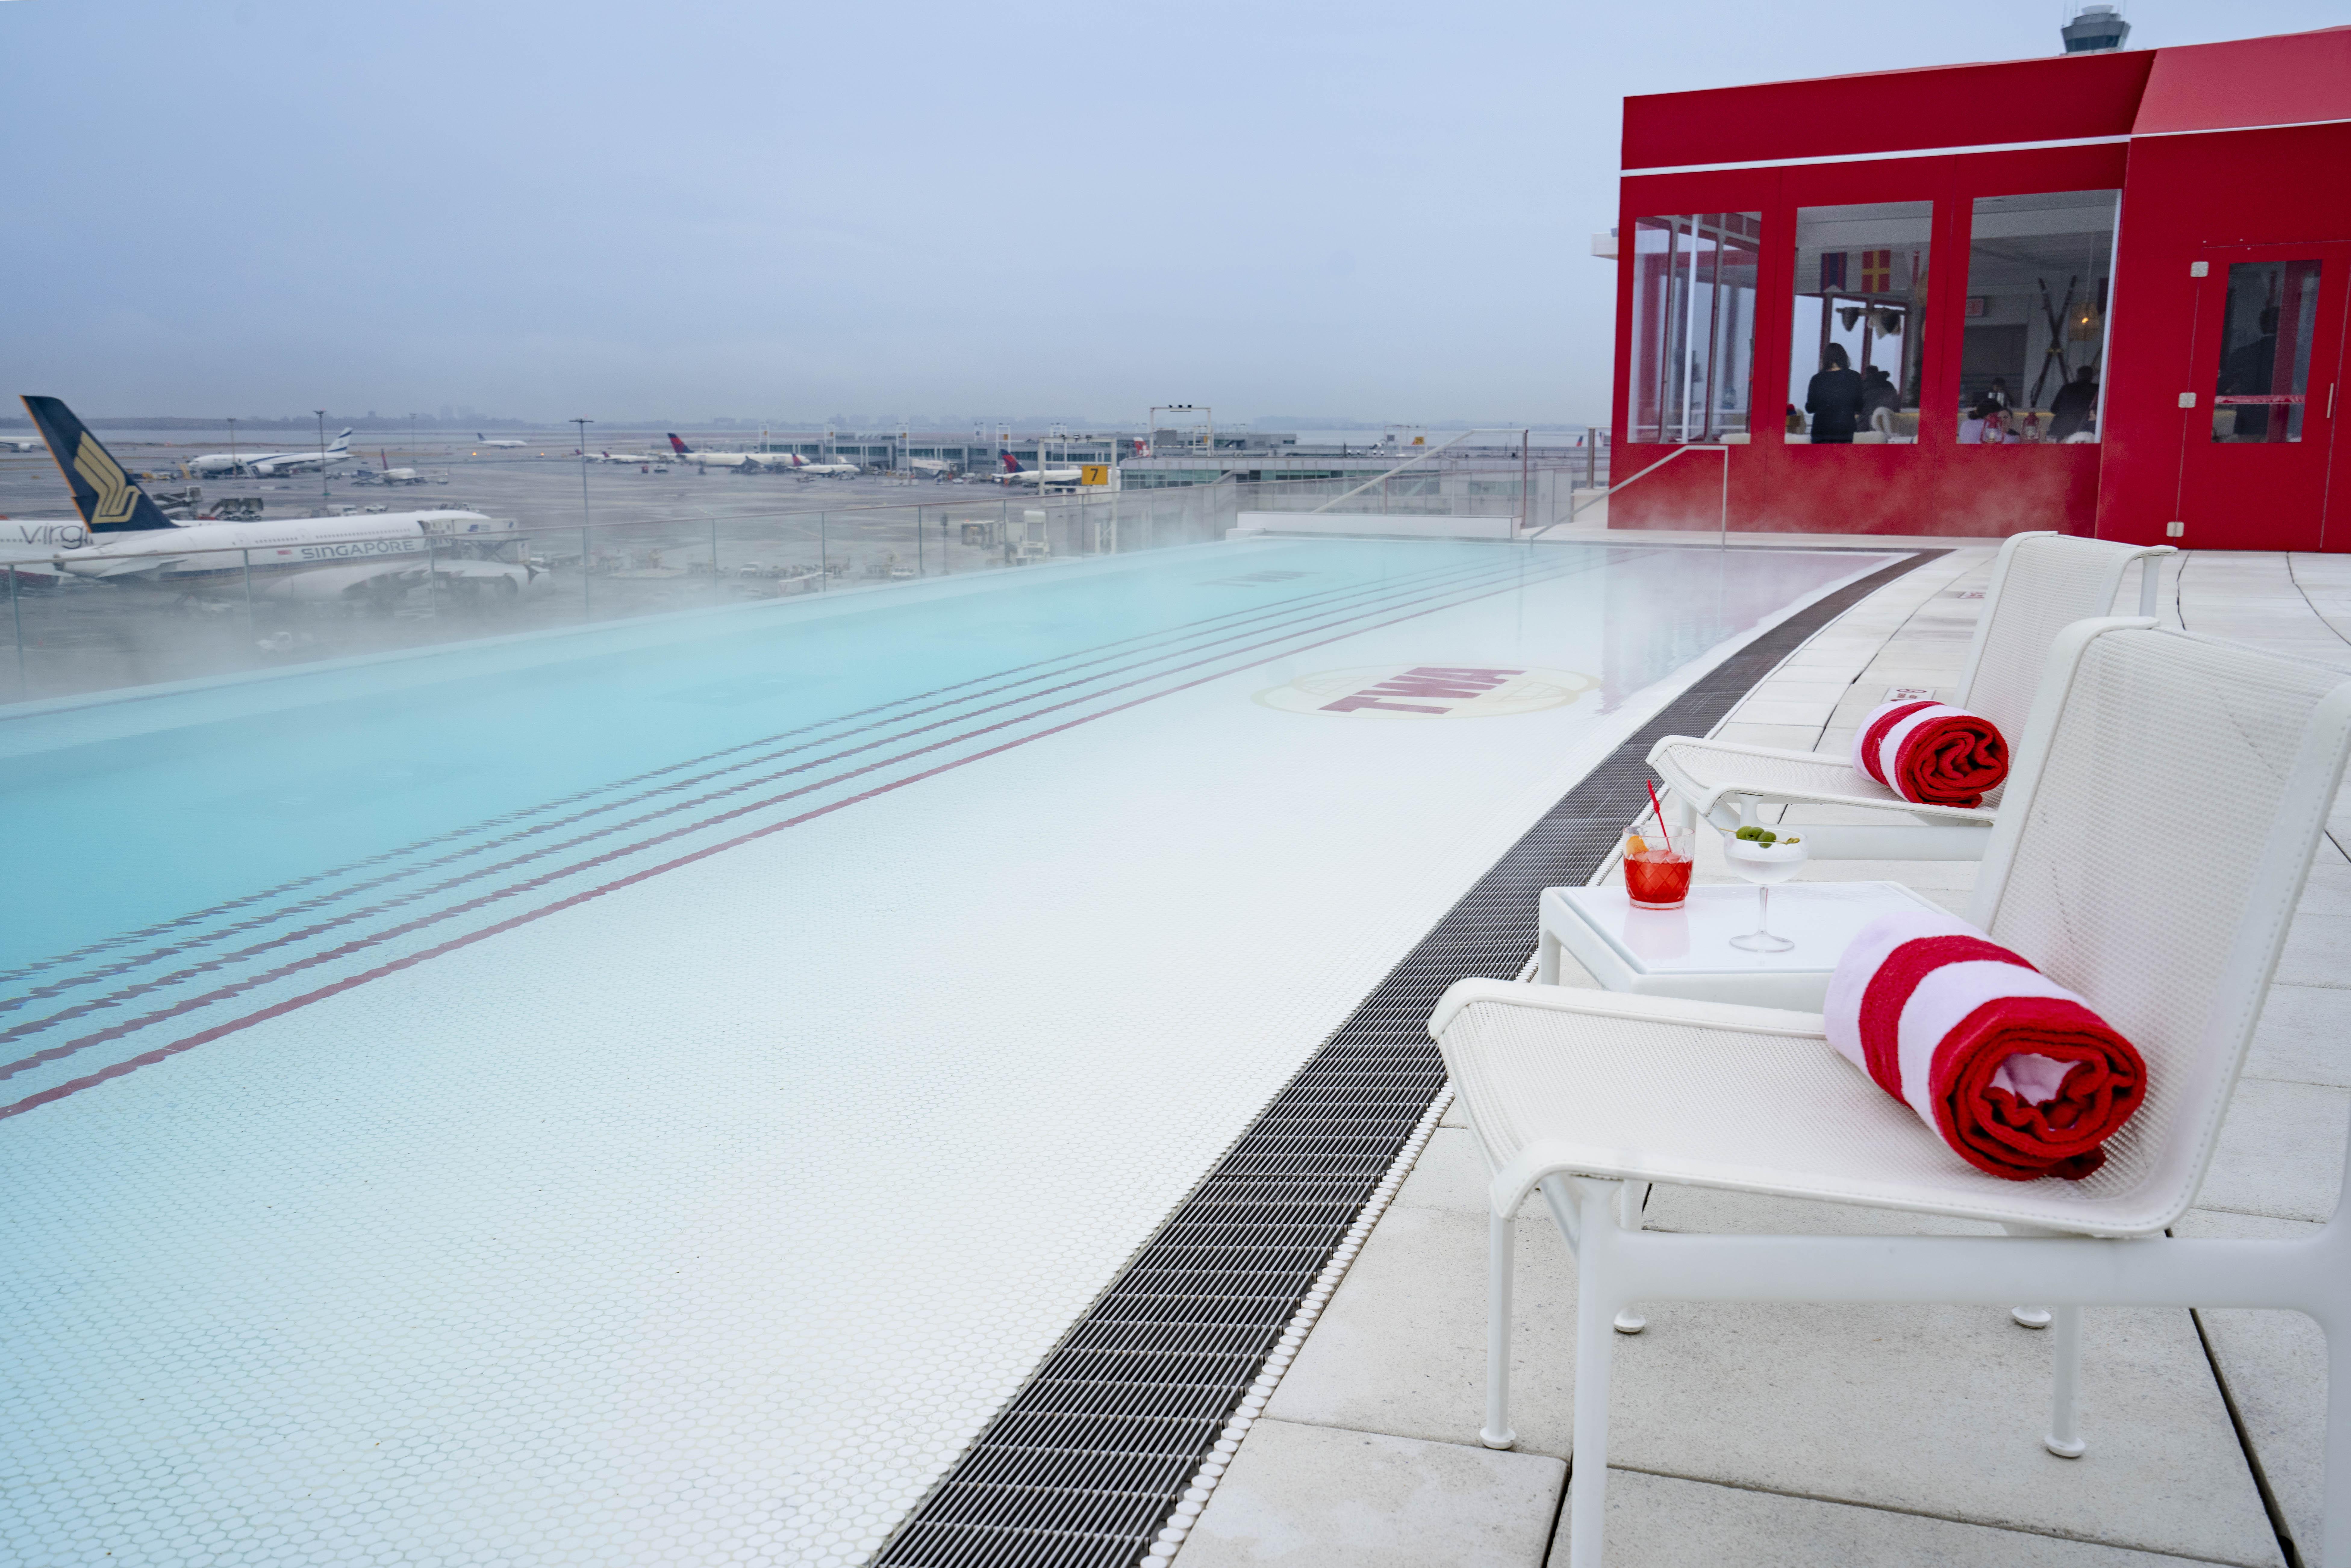 TWA Hotel, runway chalet, gerber group, eero saarinen, hotels